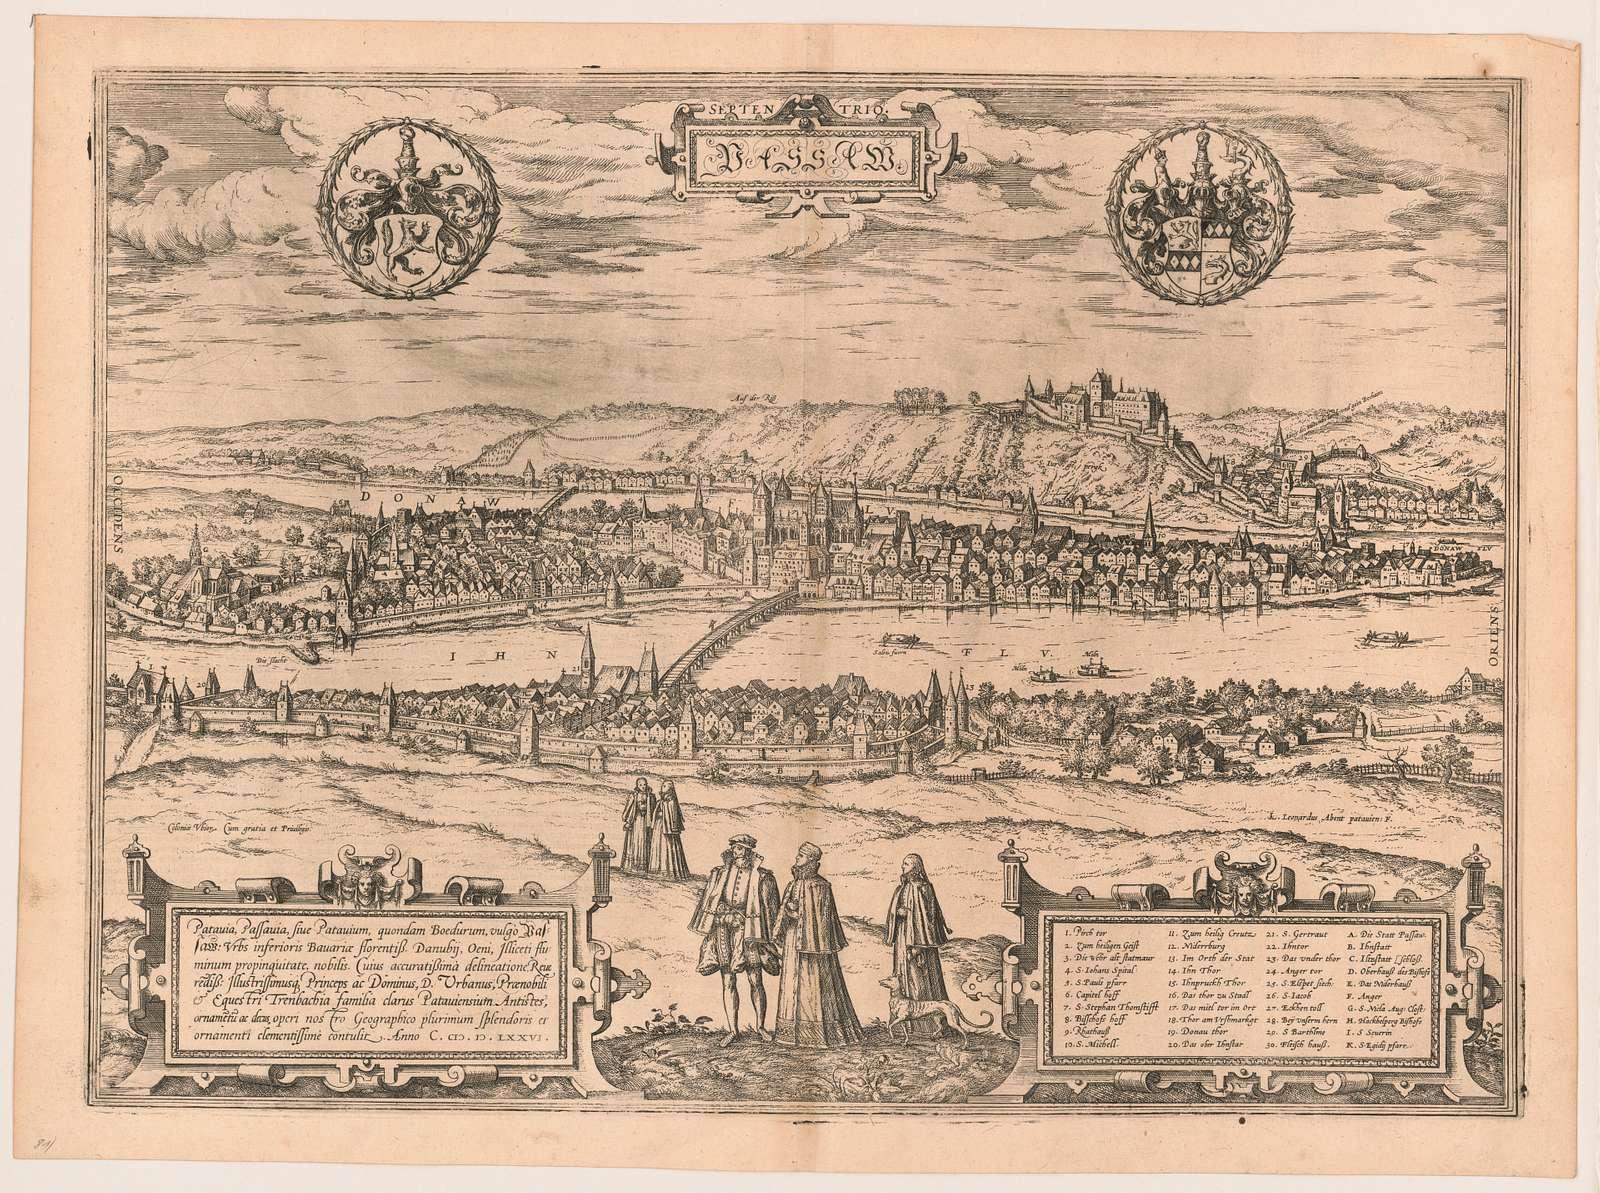 Passau. septen trio Coloniæ Ubior cum gratia et priuilegio ; LA monogram Leonardus Abent patauien: F